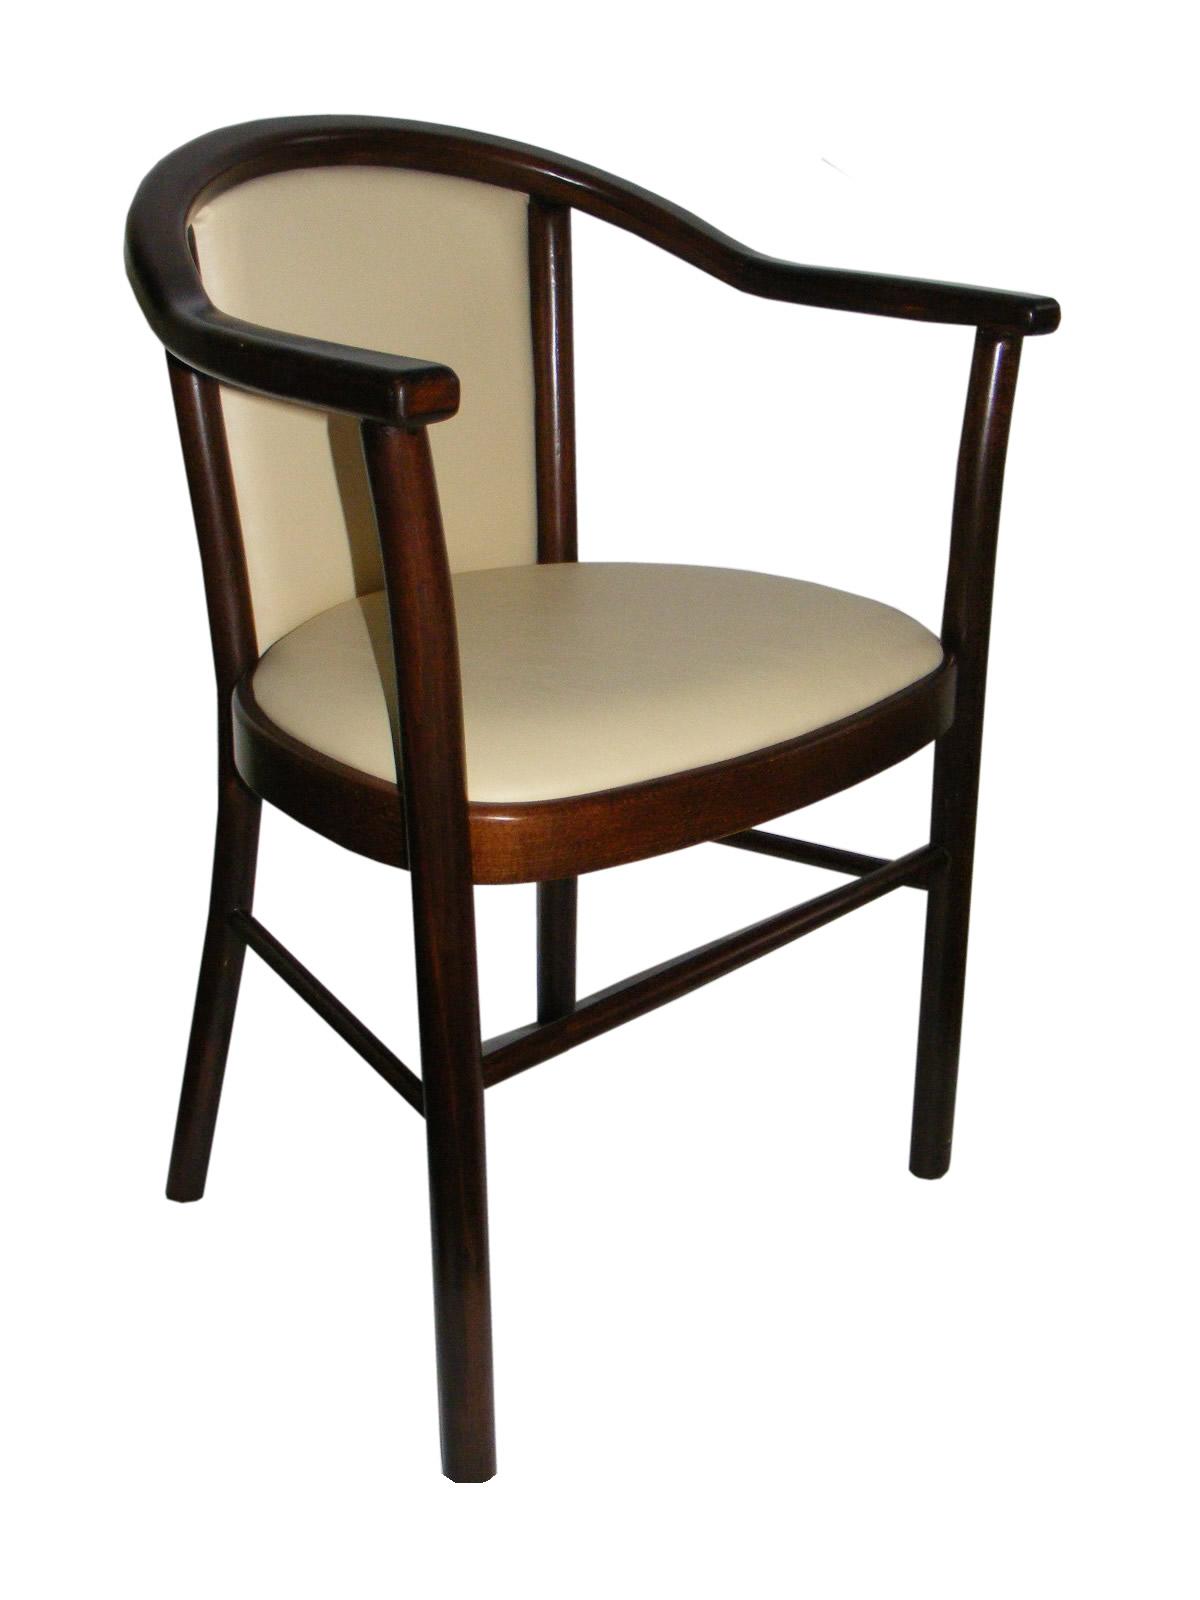 chaises de restaurant traditionnel 1 0 1000 0 pi ces par mois. Black Bedroom Furniture Sets. Home Design Ideas